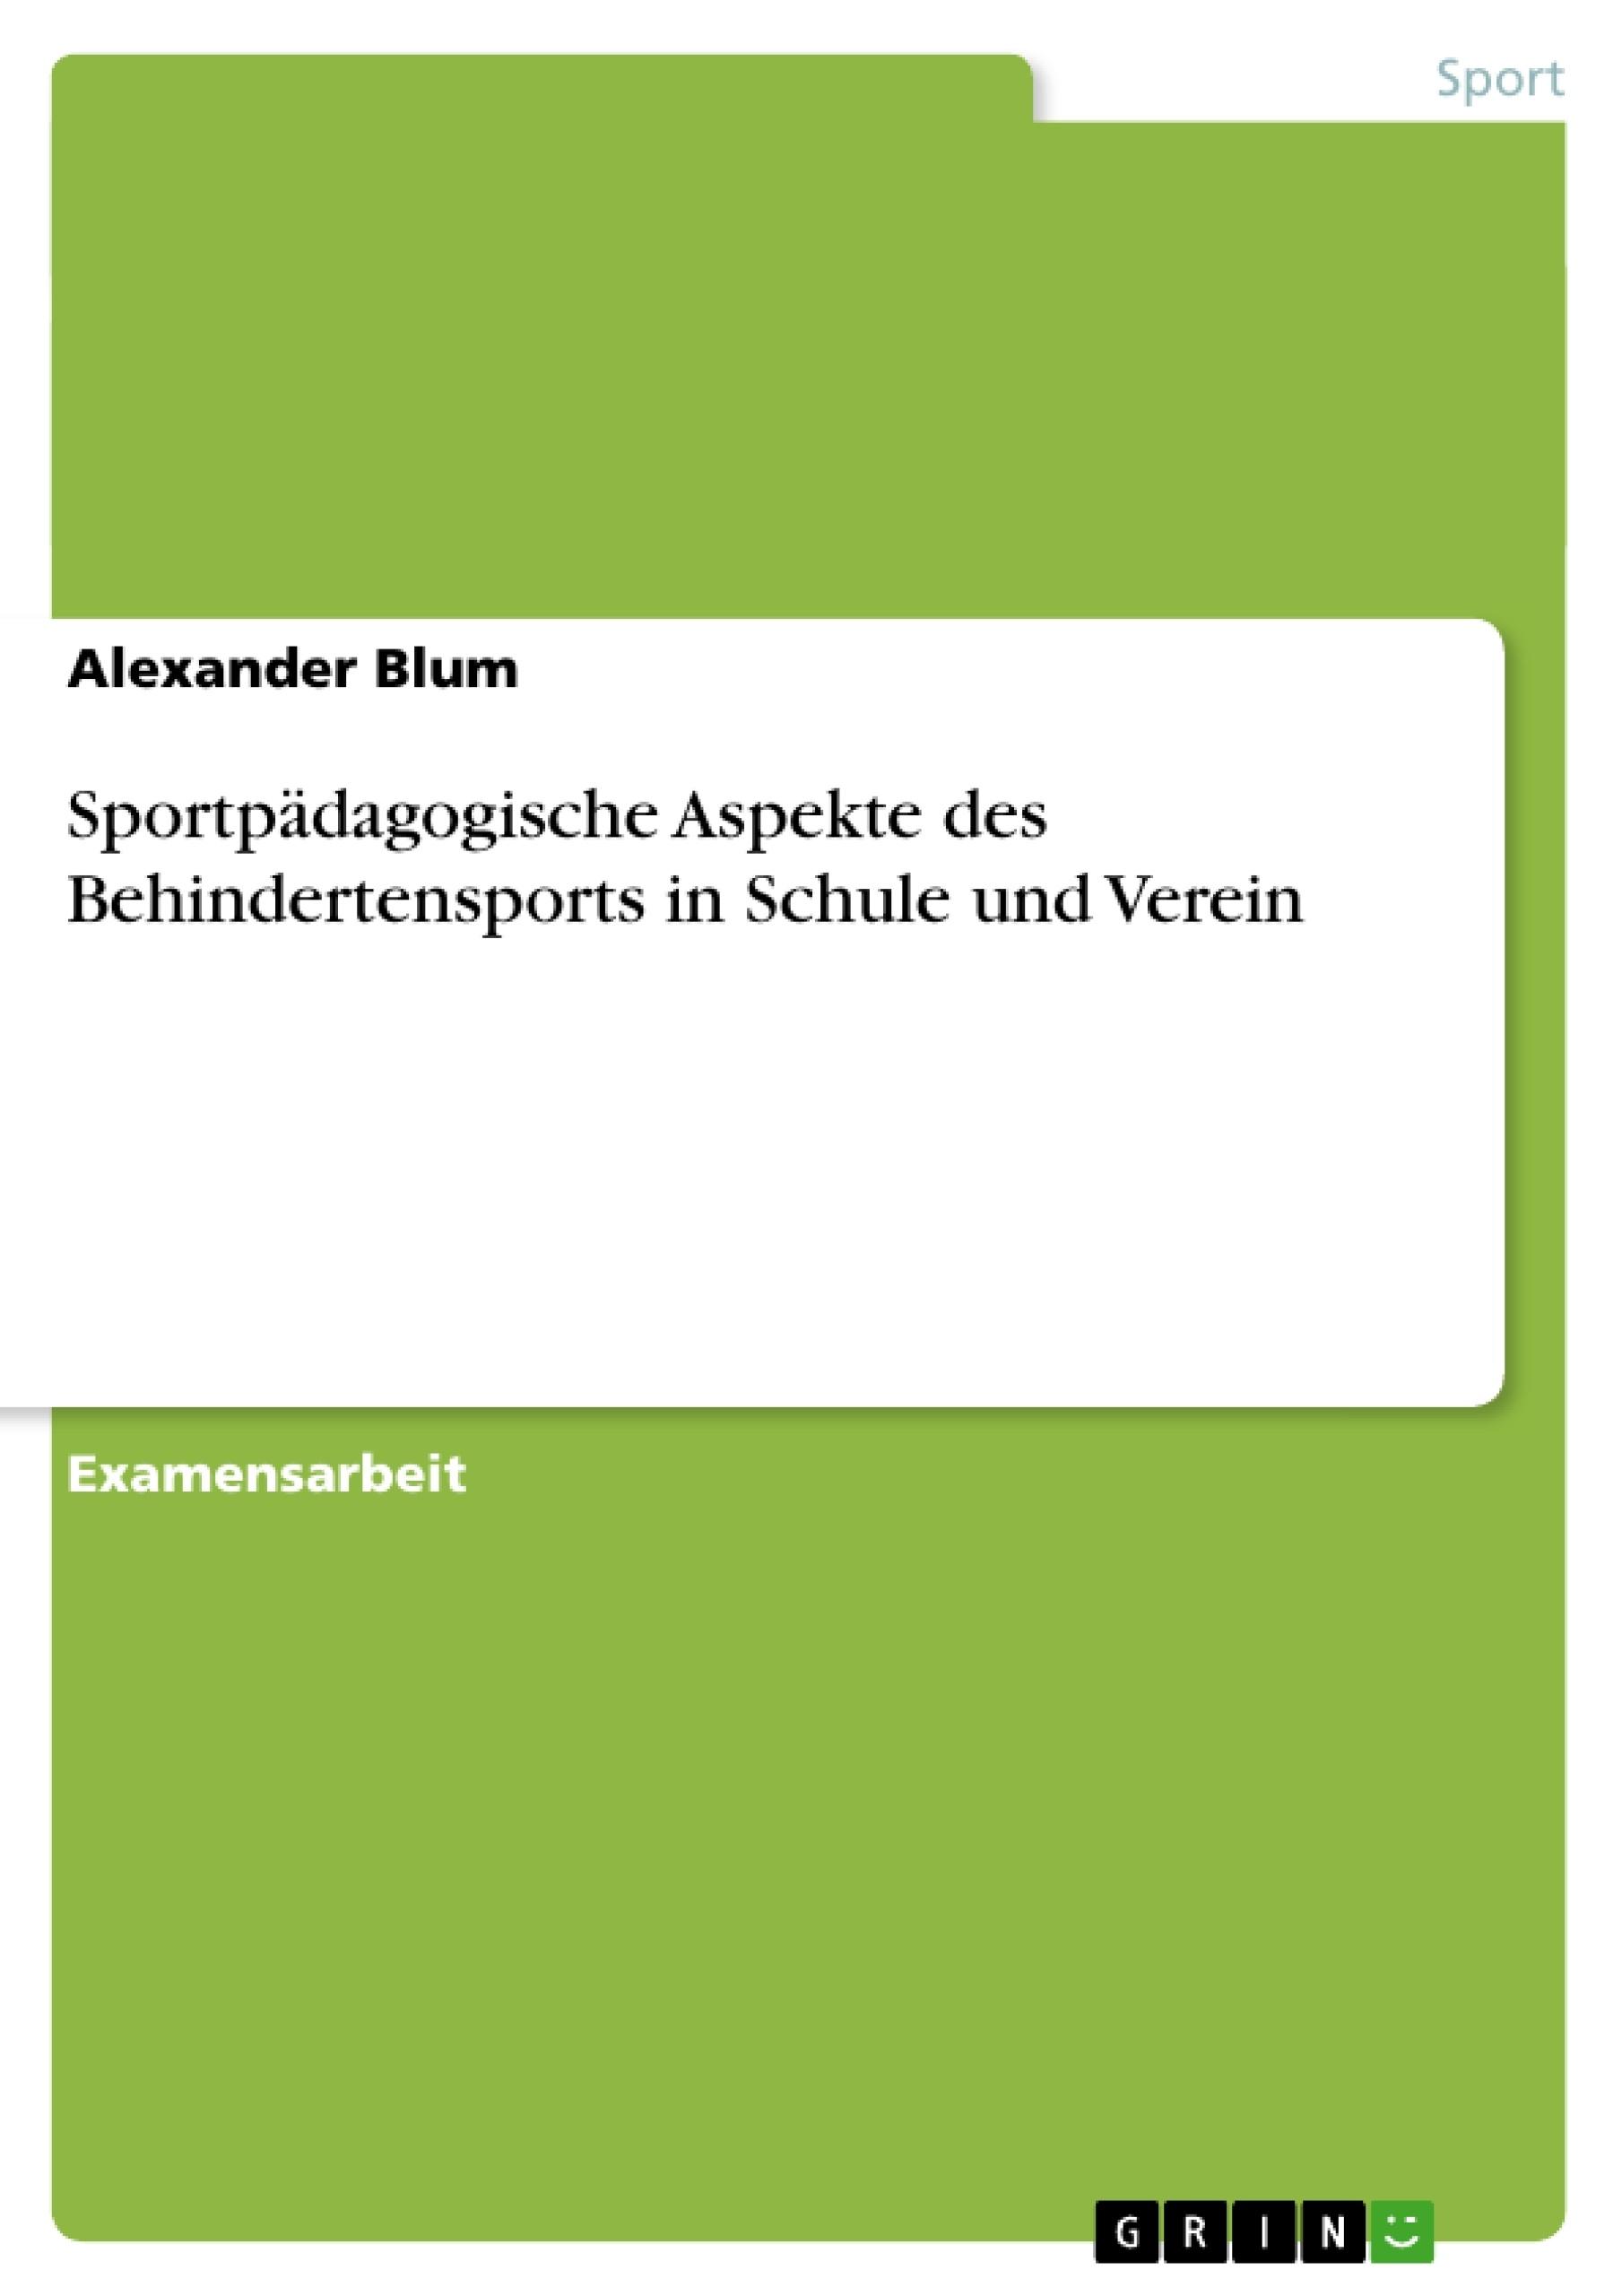 Titel: Sportpädagogische Aspekte des Behindertensports in Schule und Verein